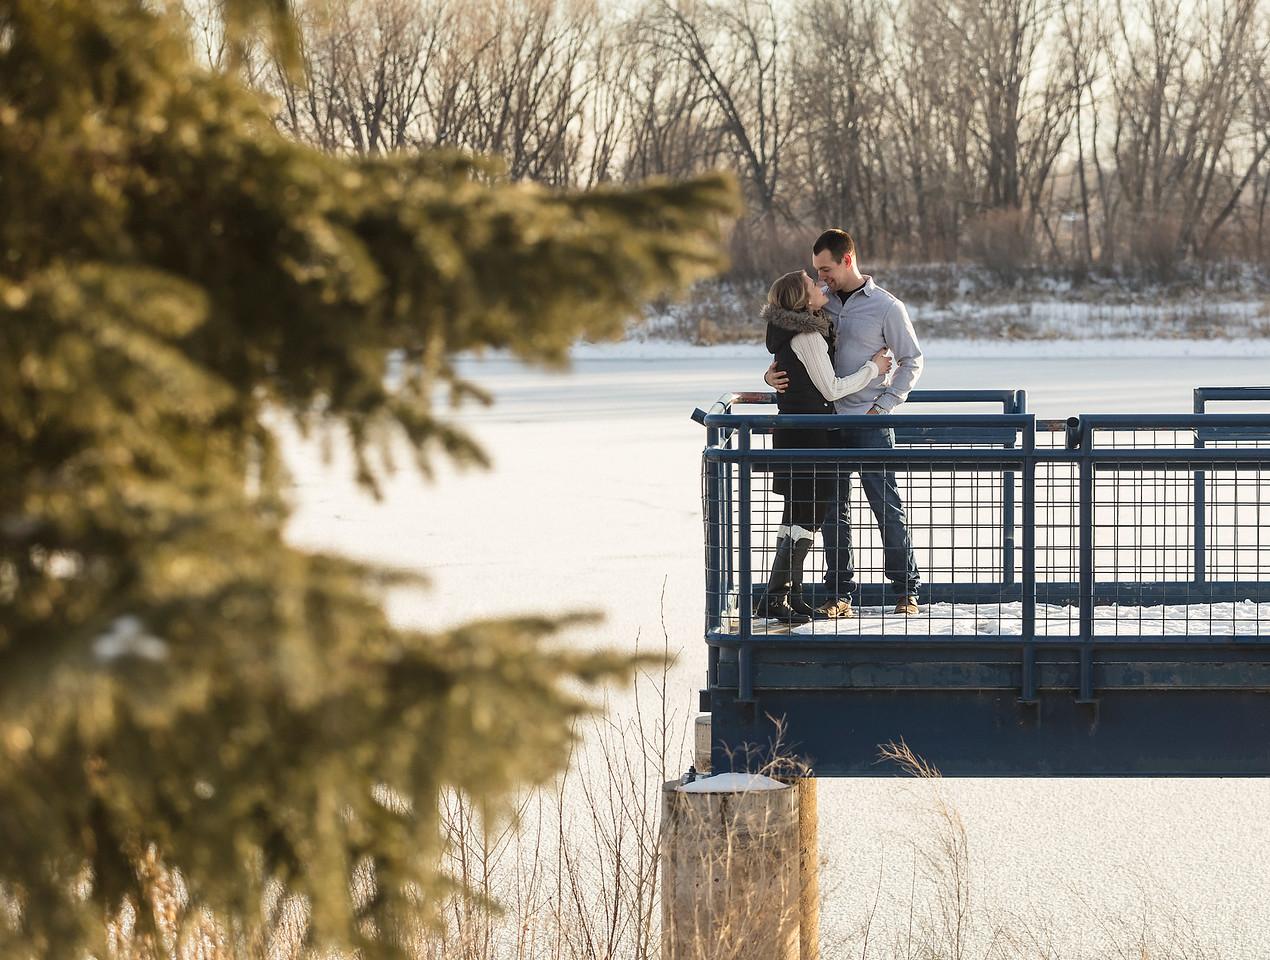 Jacquie_Kevin-Engagement-Bridge-0075